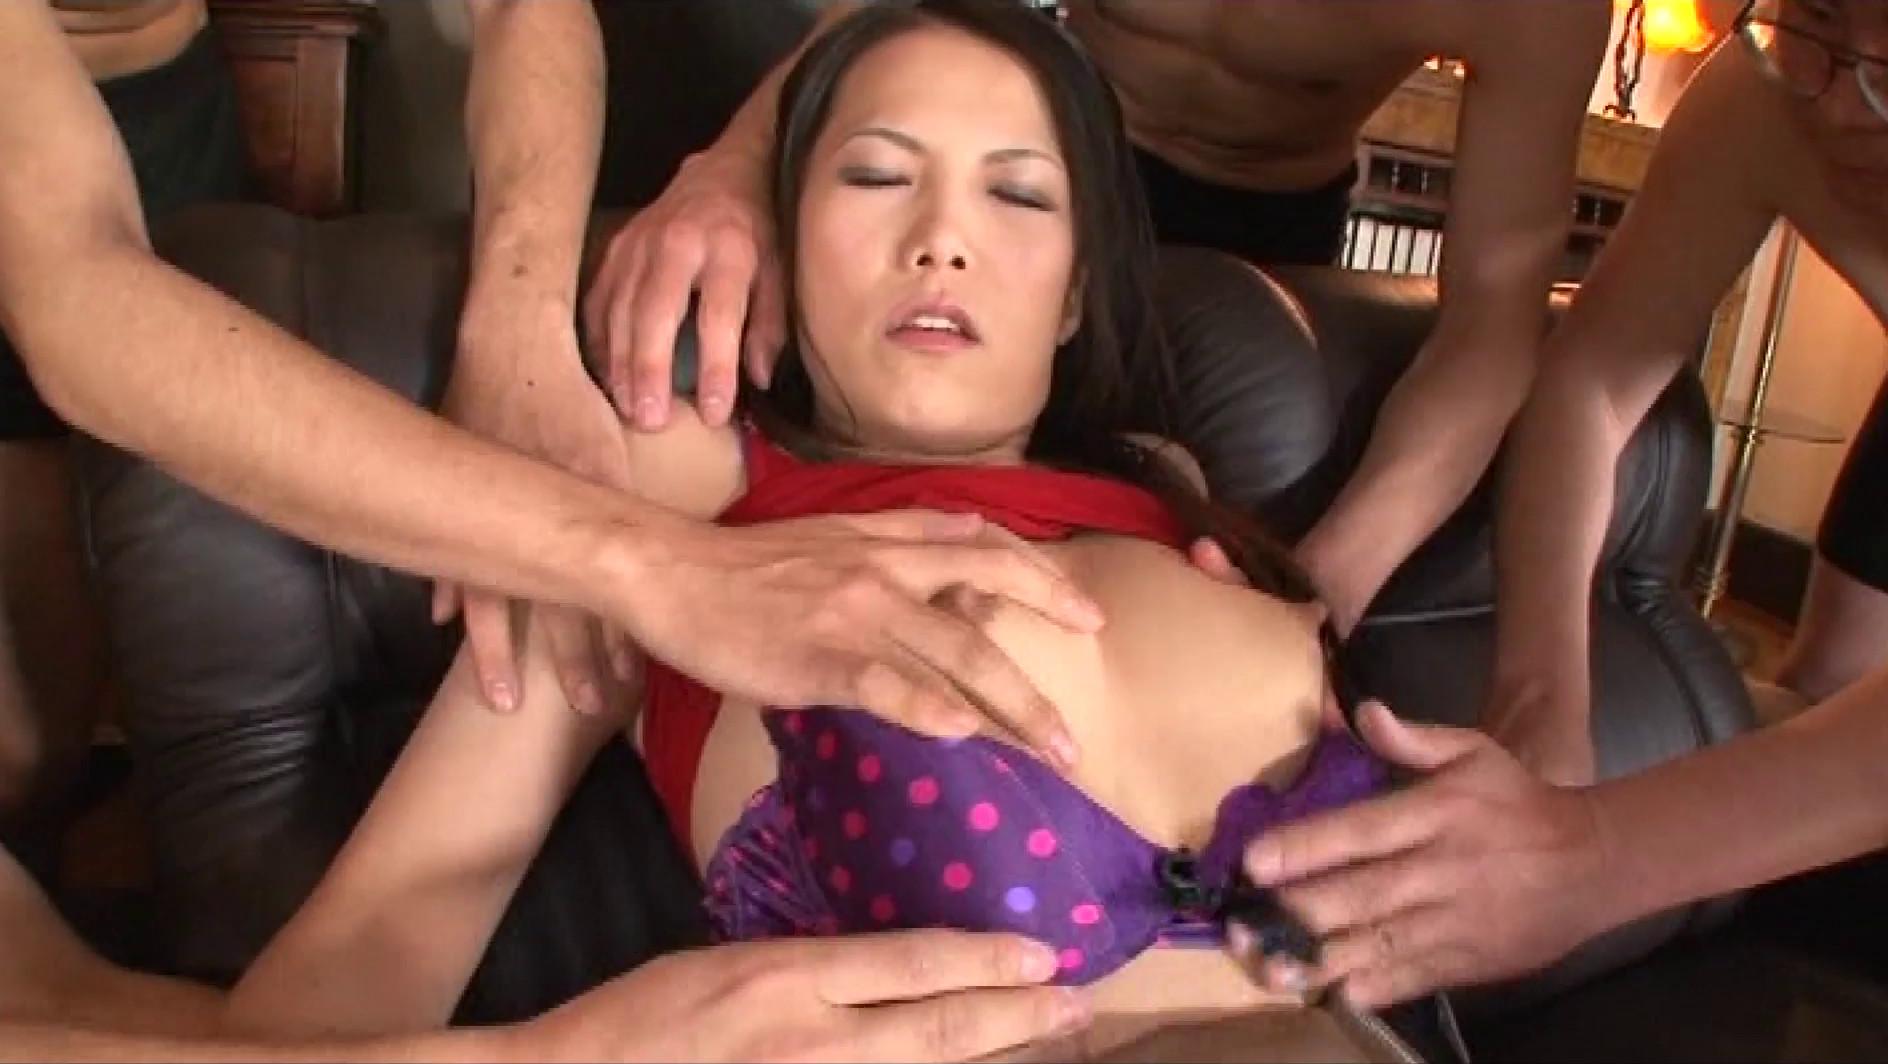 もの凄い母乳 搾乳SEX 飲乳ねぶり 母乳手コキフェラ 画像19